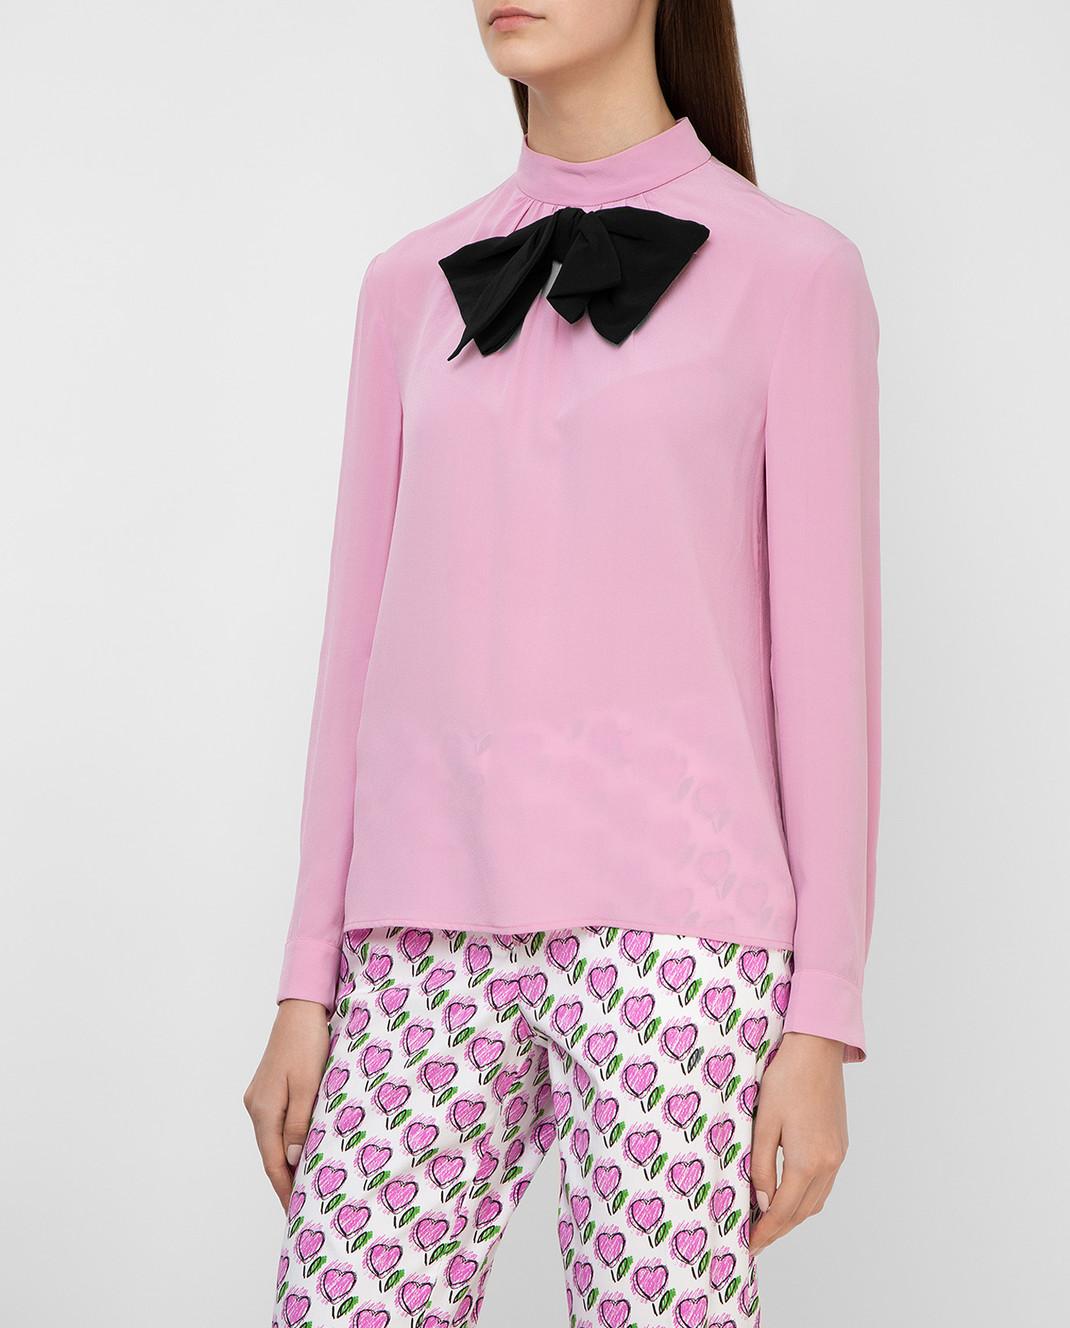 Prada Розовая блуза из шелка P970C изображение 3